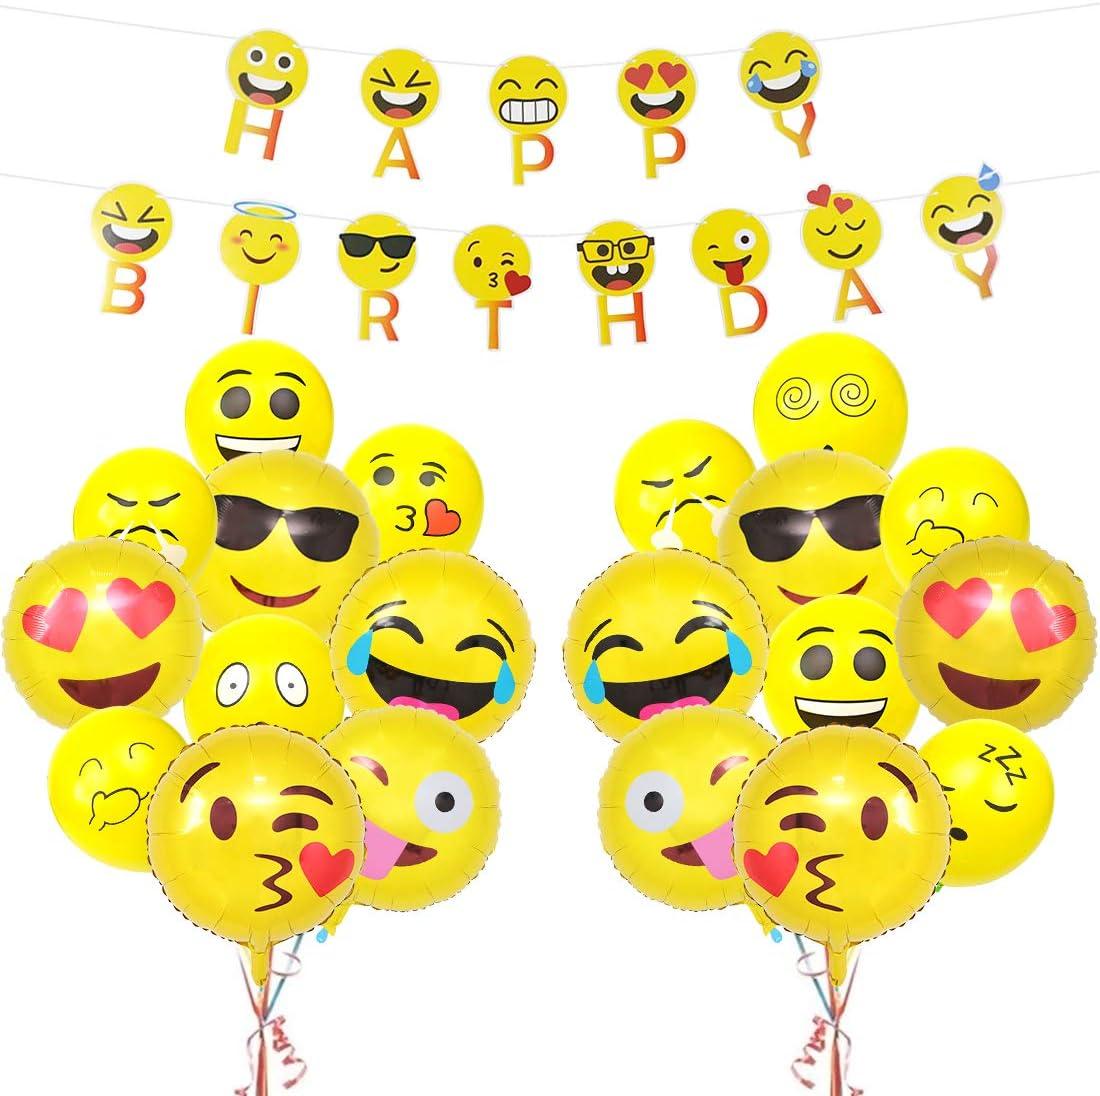 Emoji Kit Decorations D Anniversaire Emoji Mylar Ballons Smiley Visage Joyeux Anniversaire Banniere Pour Enfants Fete D Anniversaire Fournitures Amazon Fr Jeux Et Jouets